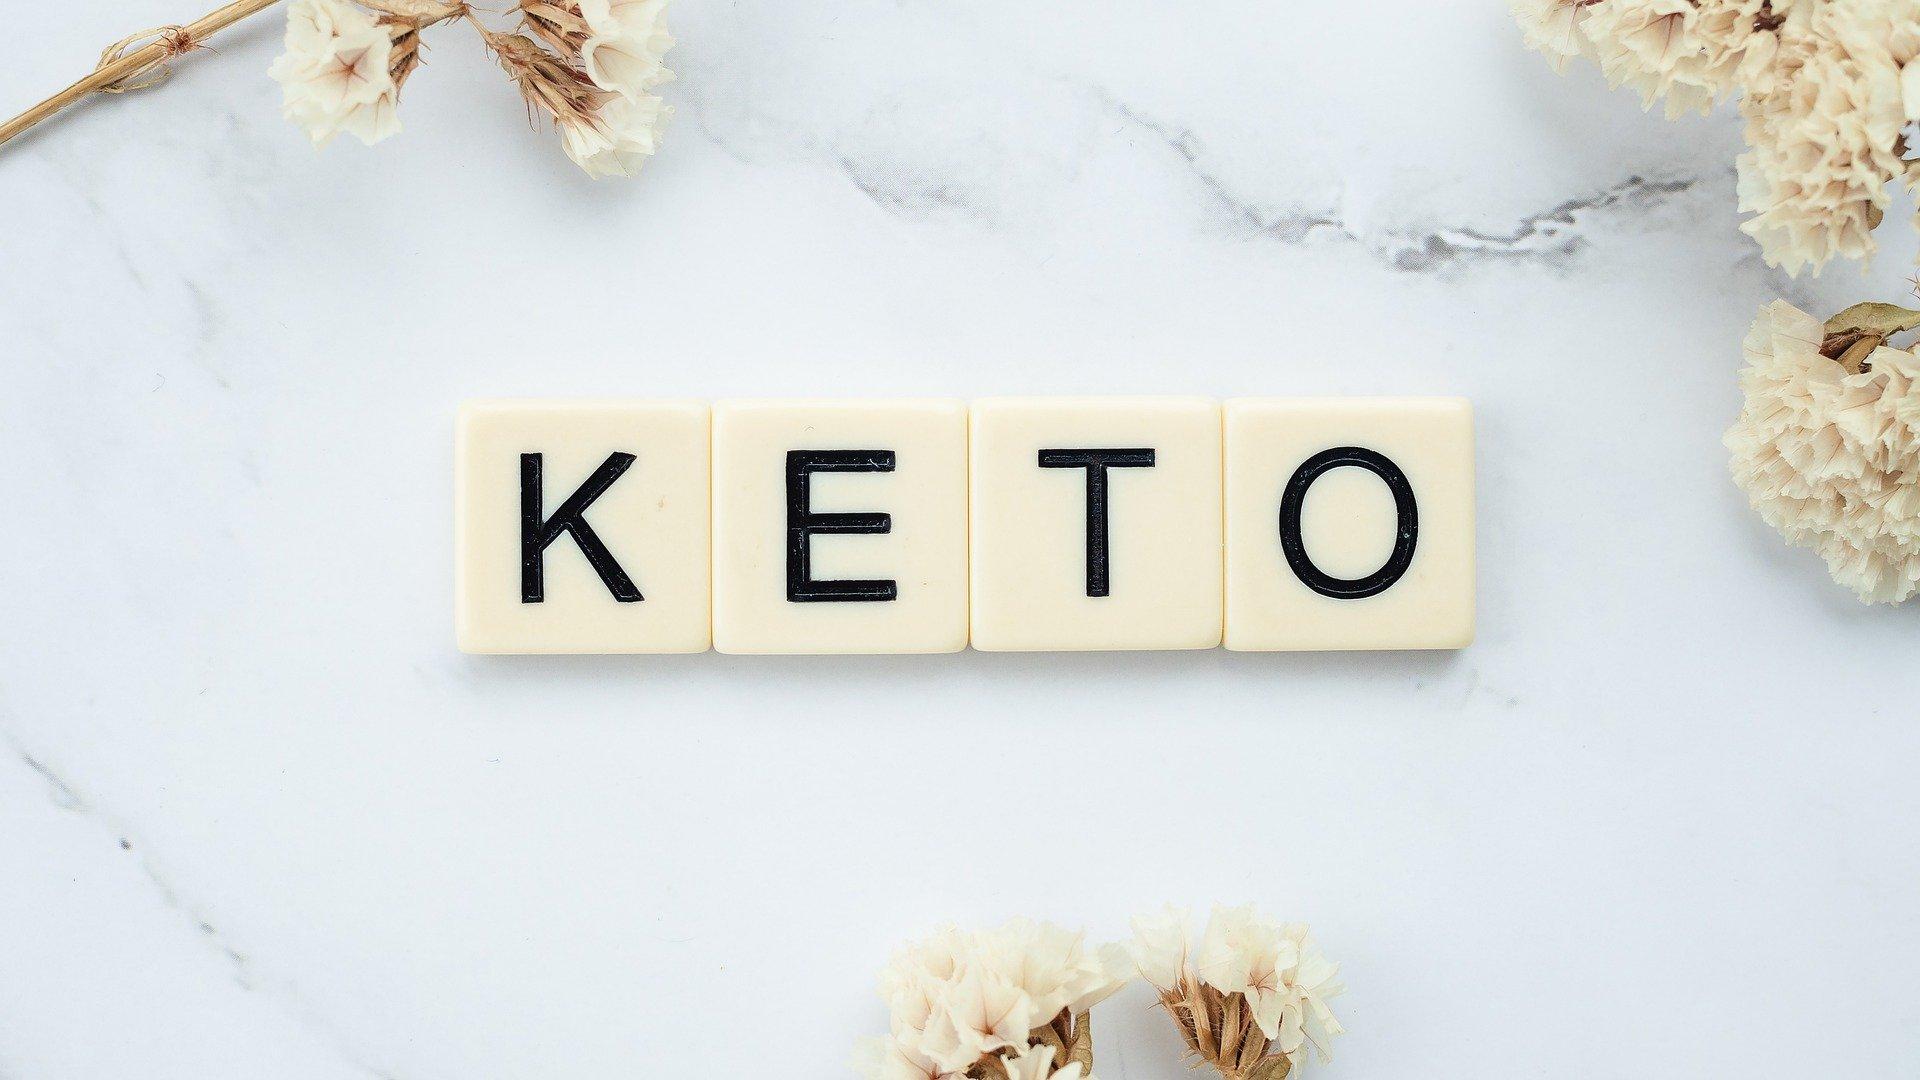 فوائد واضرار نظام الكيتو دايت